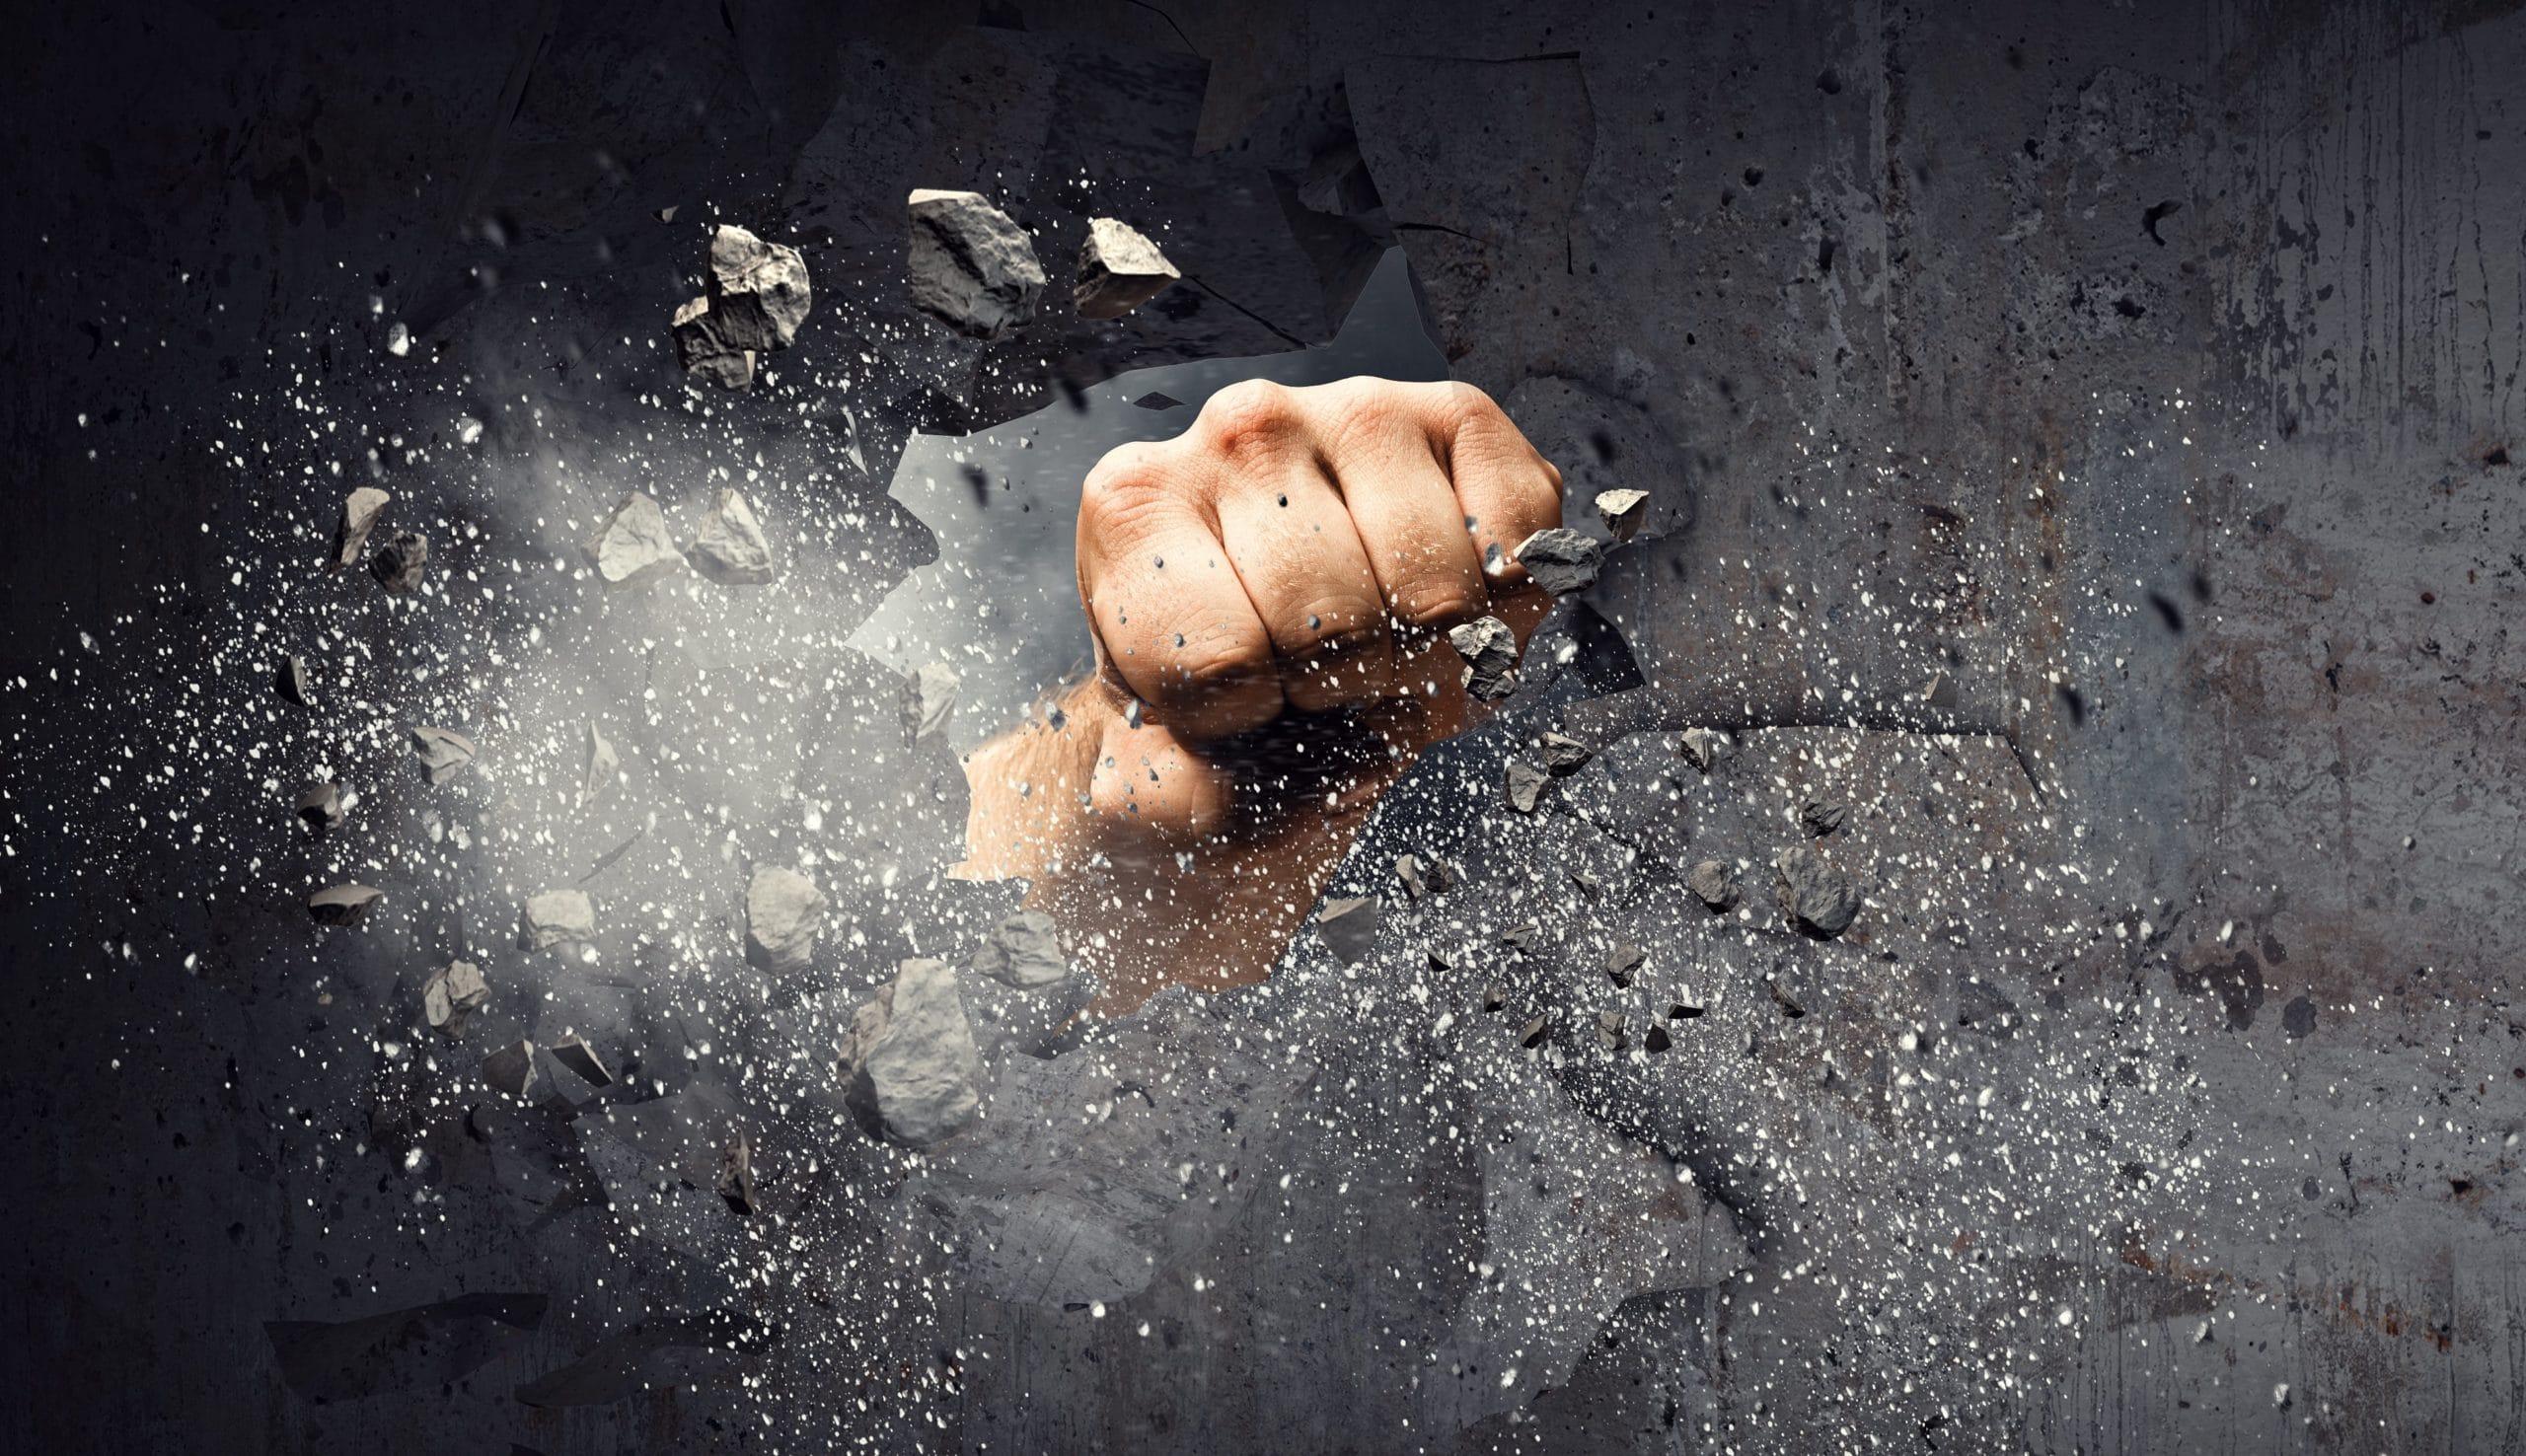 Eine Faust bohrt ein Loch in eine Betonwand